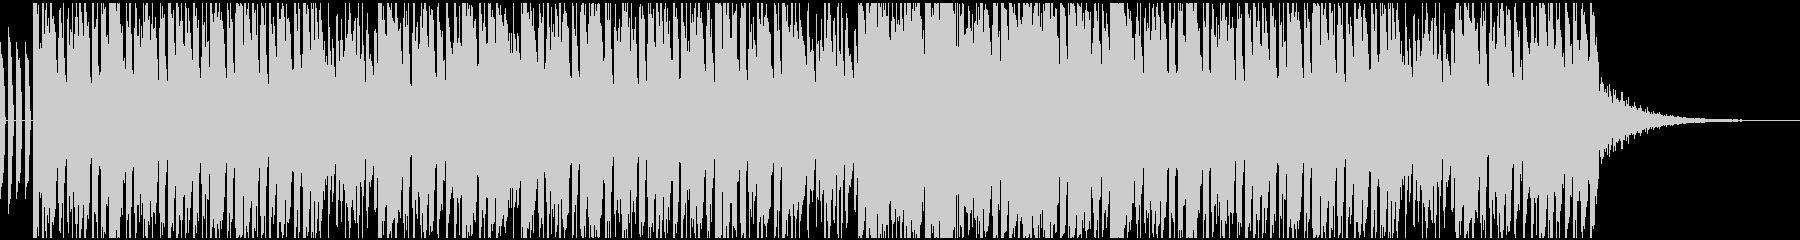 オープニング用テクノサウンドの未再生の波形